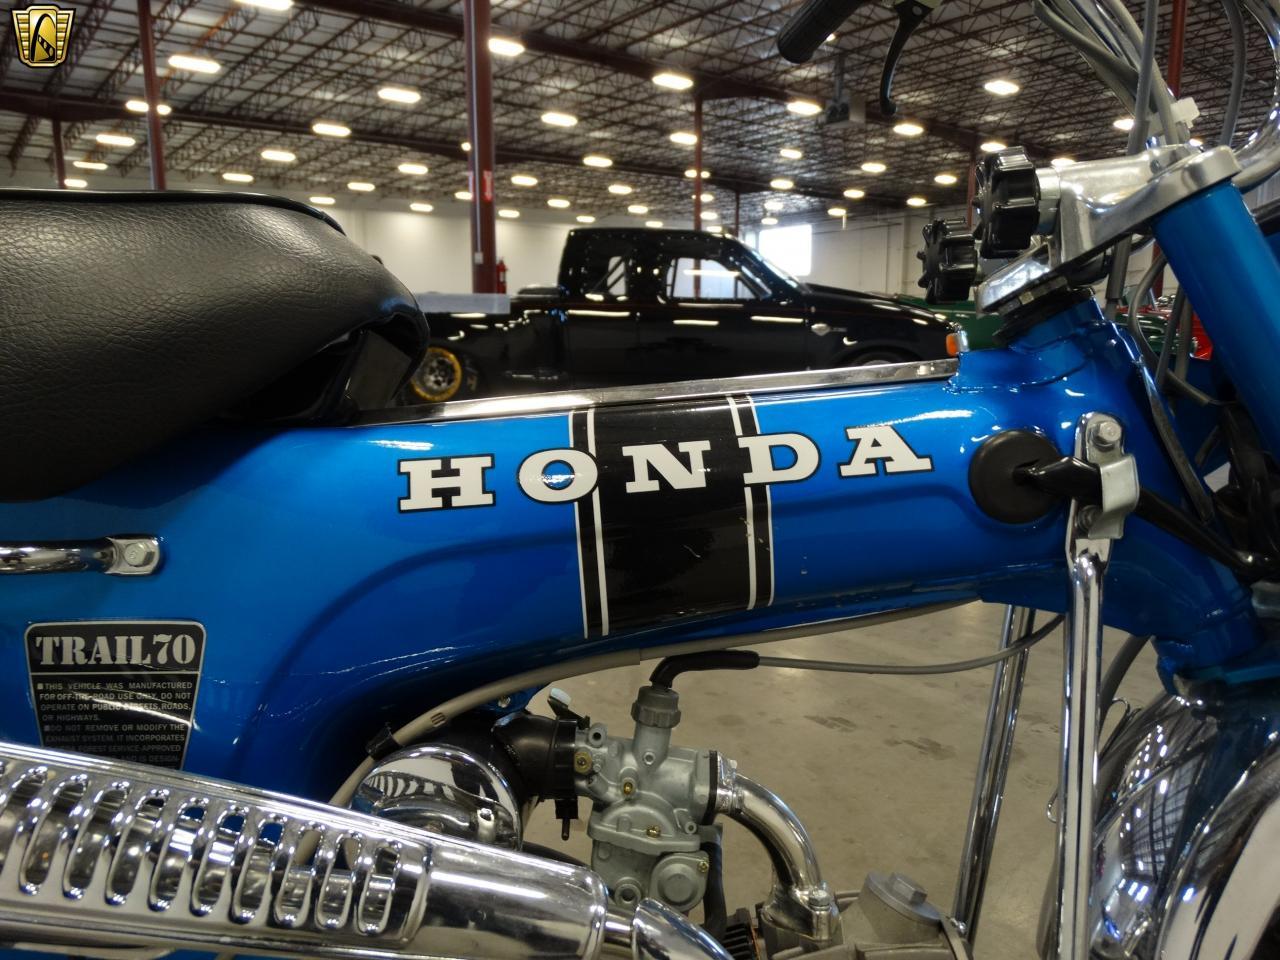 1970 Honda Ct70 For Sale Photos Technical Specifications Description Trail 70 Prevnext